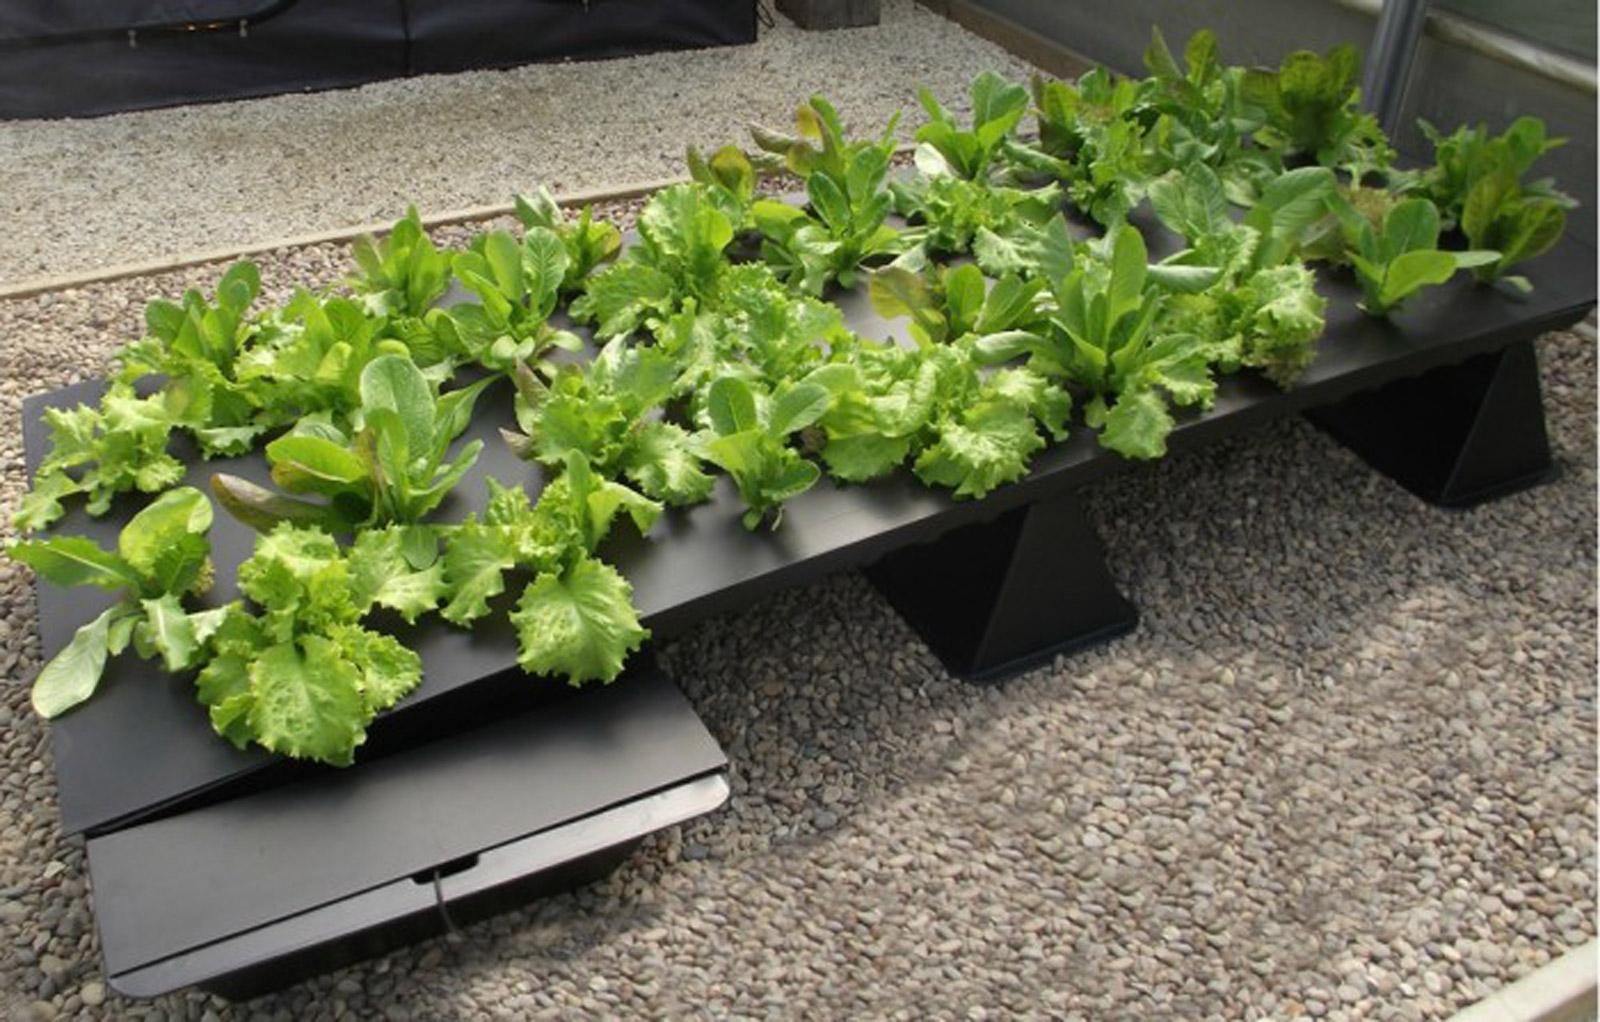 Plaque PVC noire pour système hydroponique Nutriculture